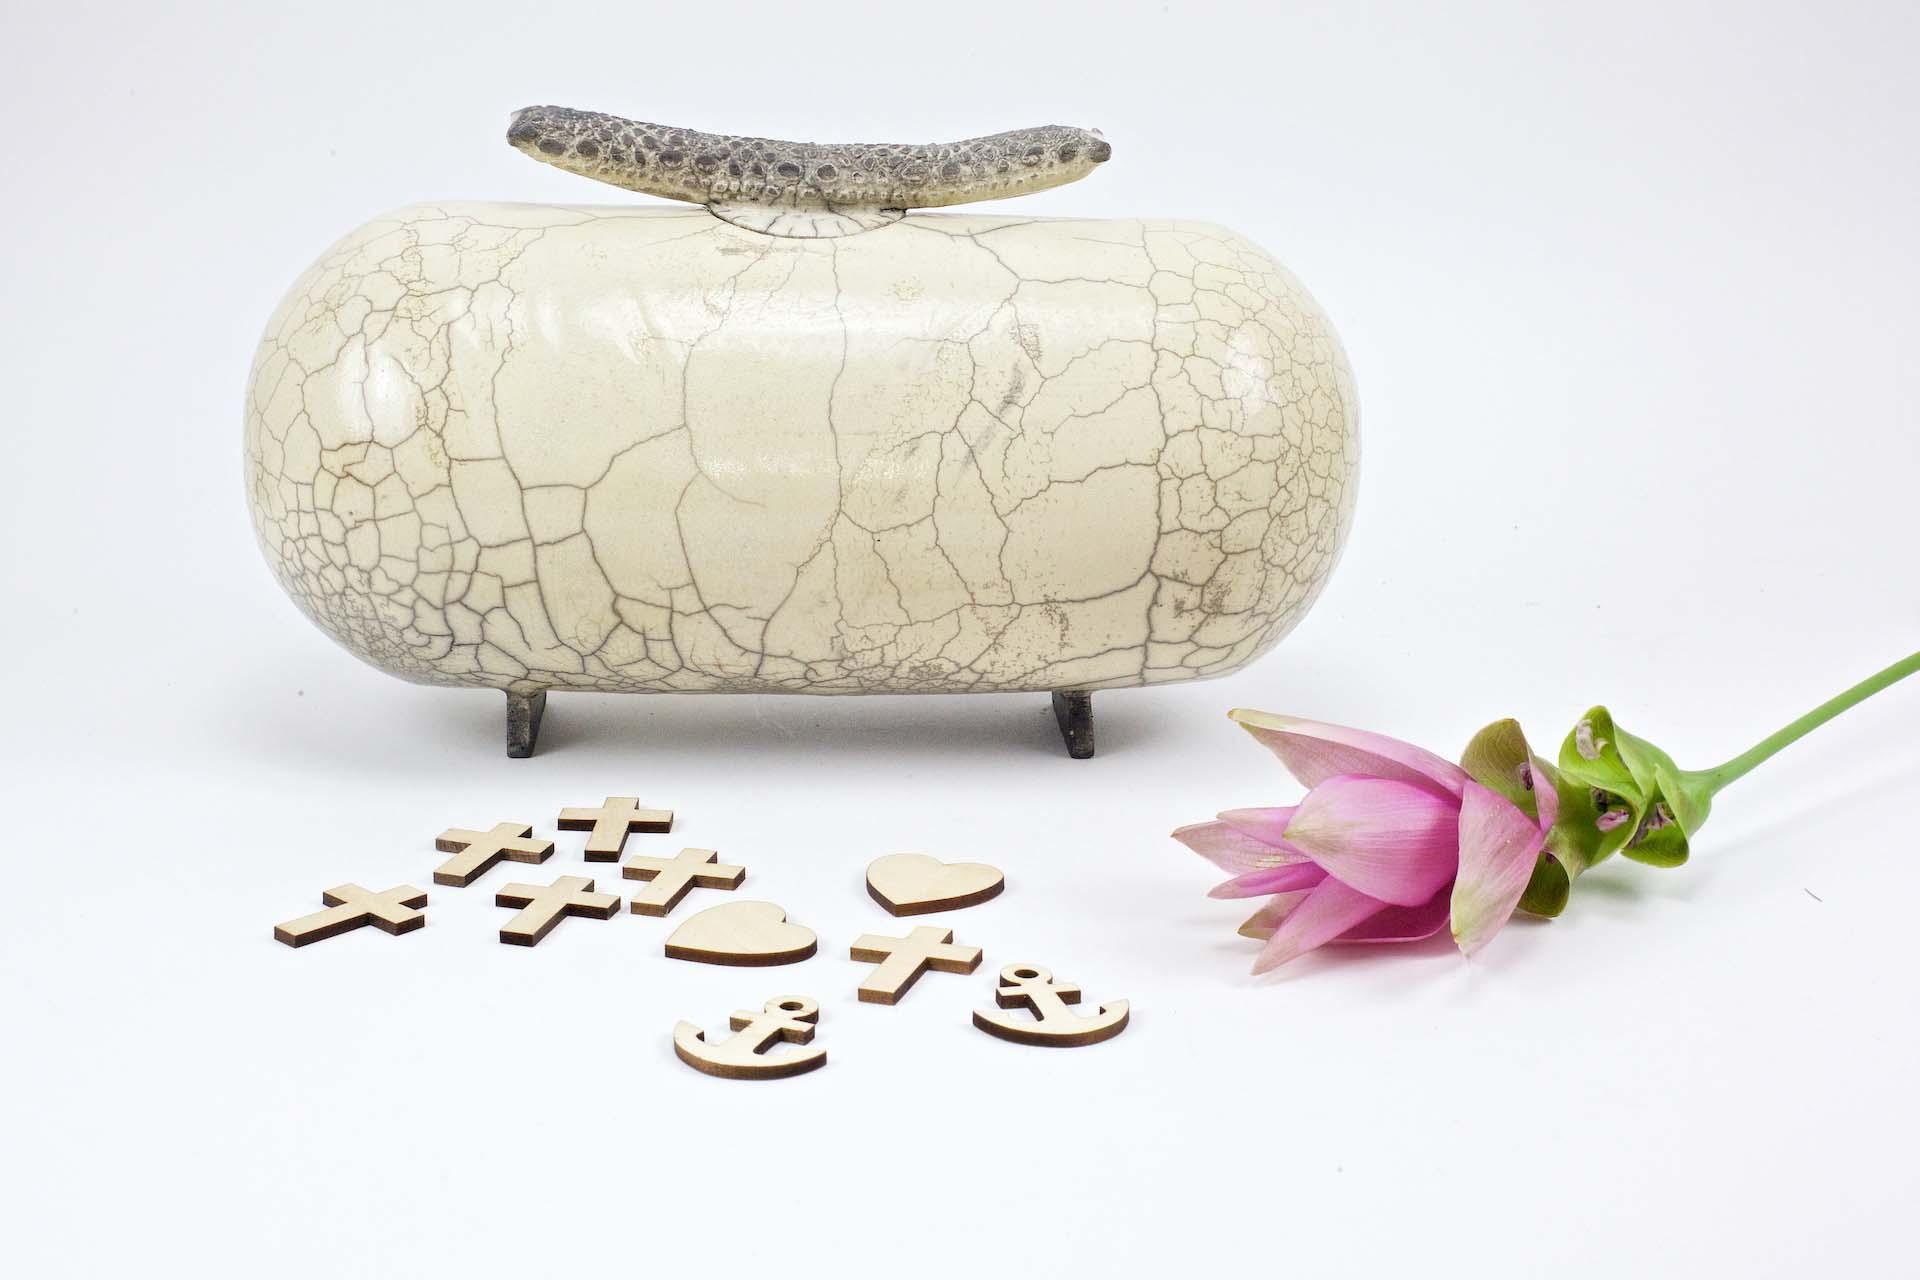 witte keramieken urn van marieke vergouw met deksel en houten kruisjes, hartjes en ankertjes van monumentaalste en een rosé bloem uitvaart1001lichtjes inspiratie